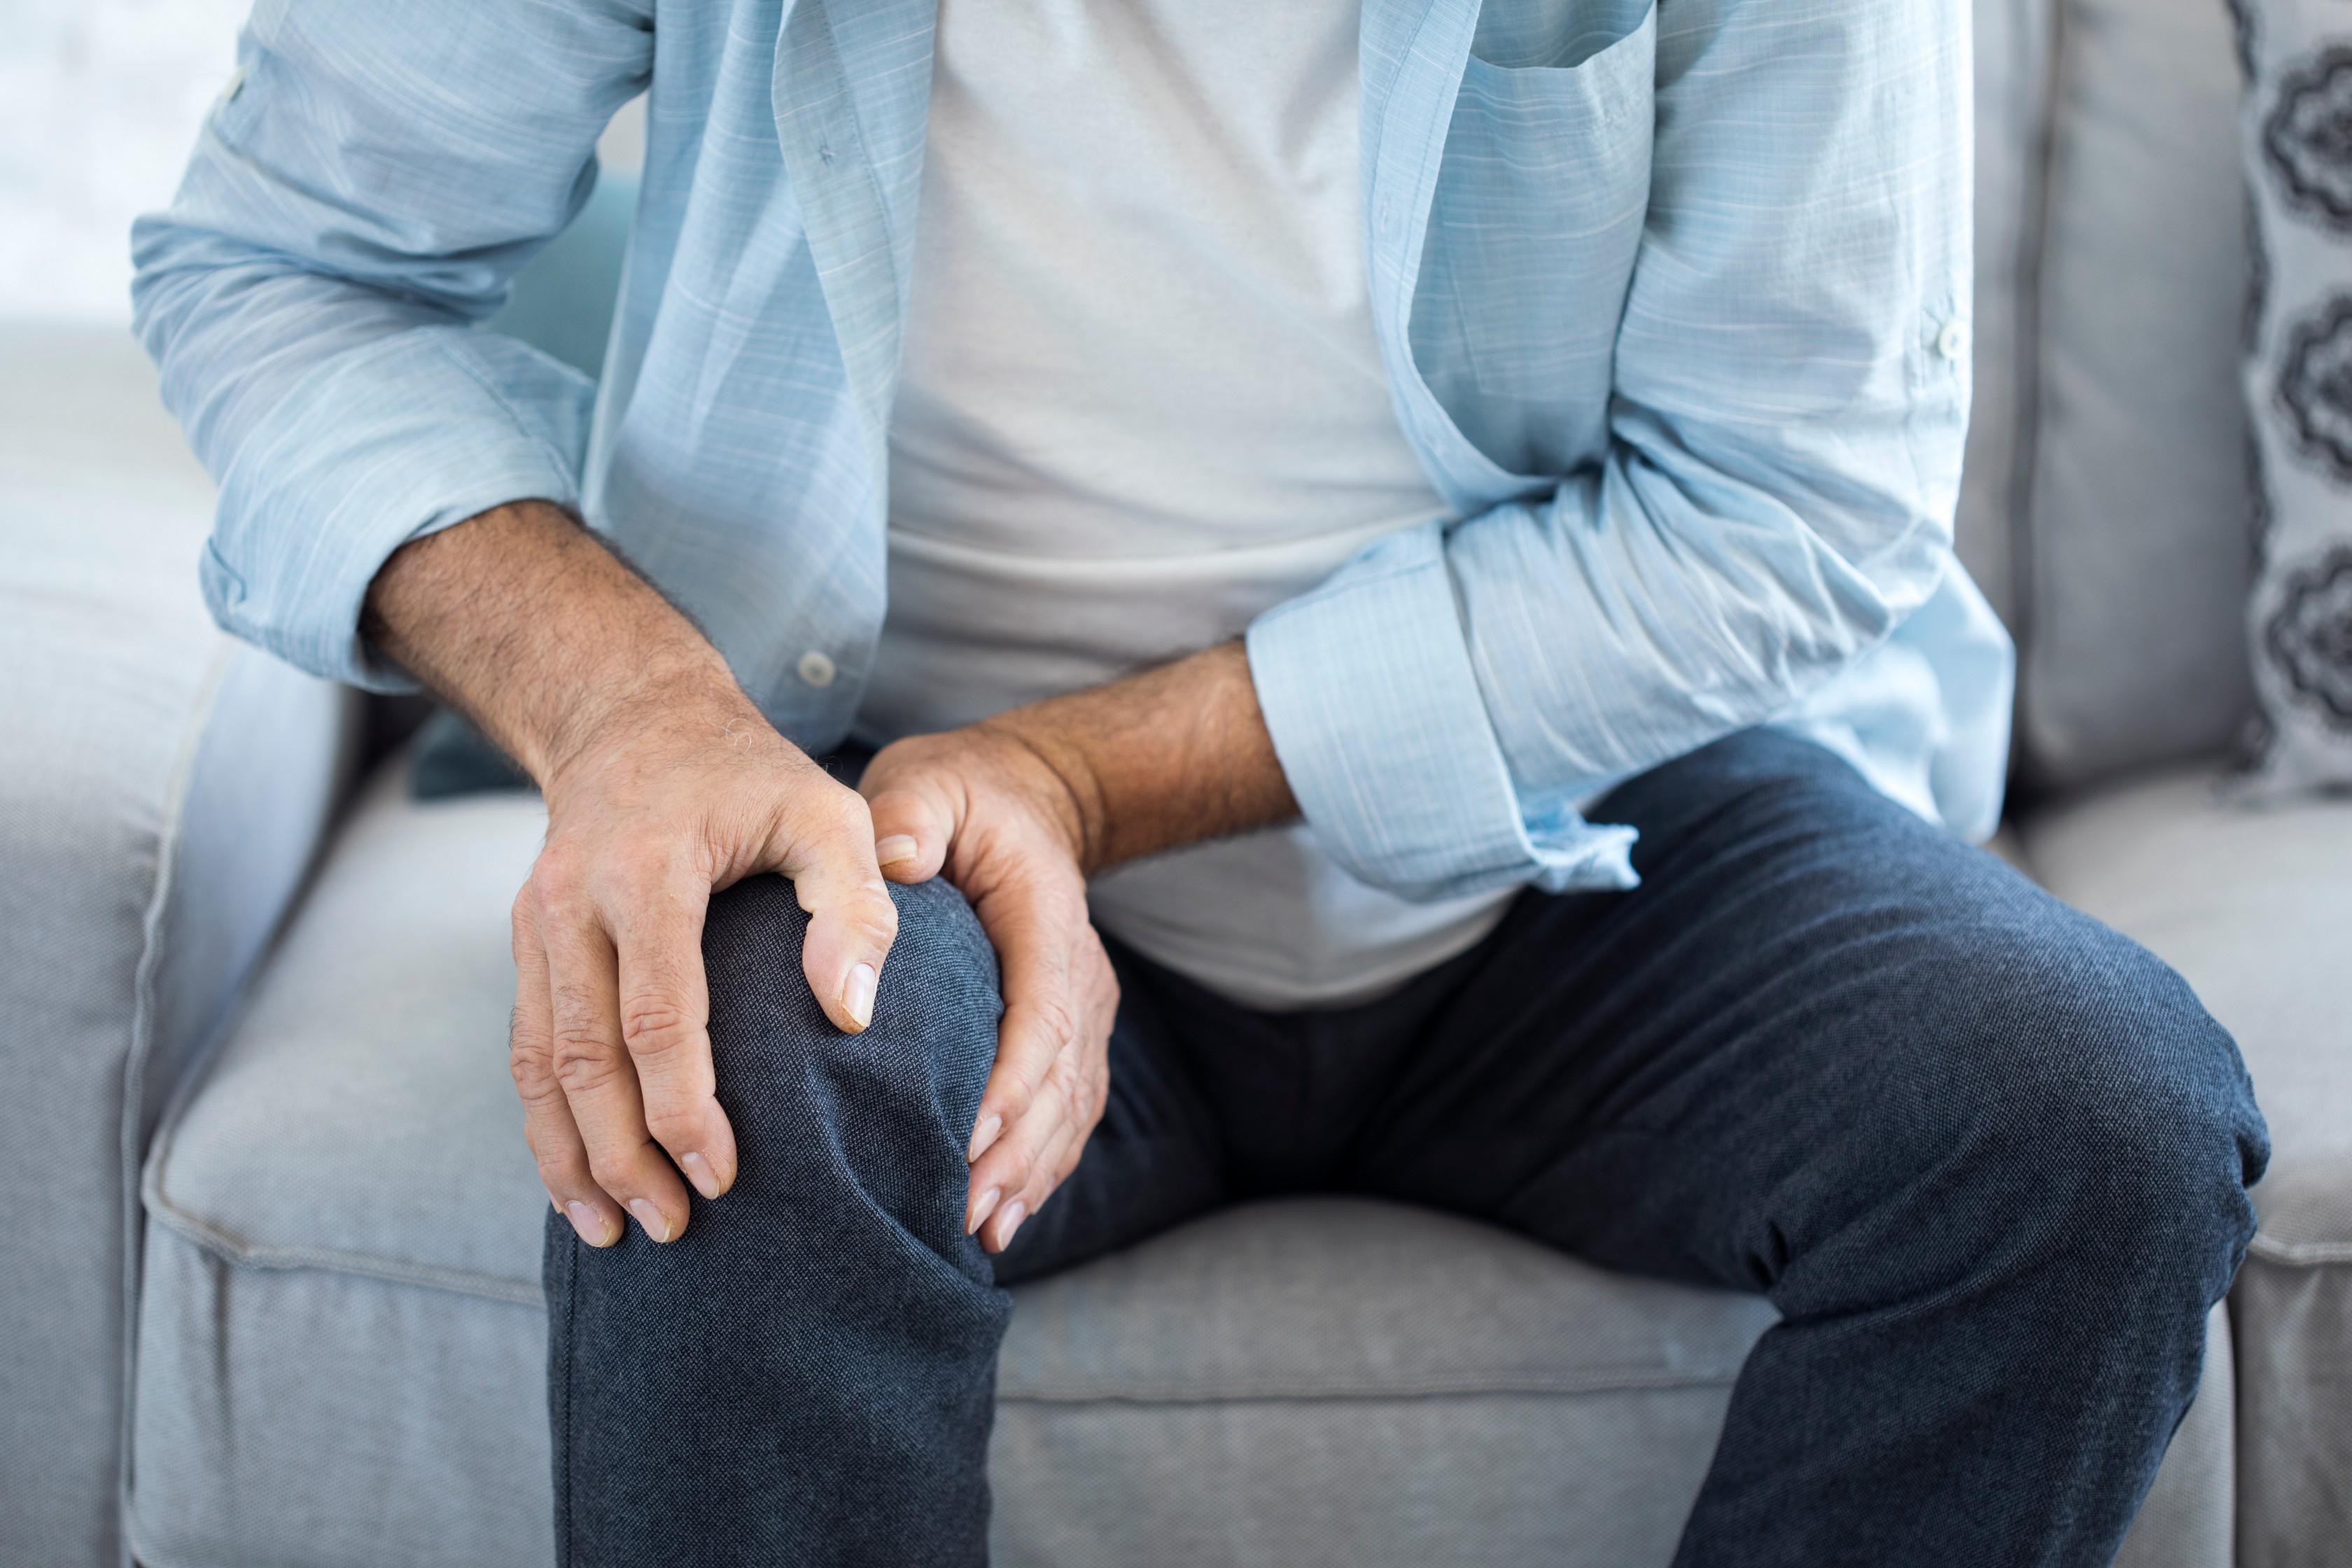 ízületi fájdalom troxevasin csípőfájás ülő helyzetben